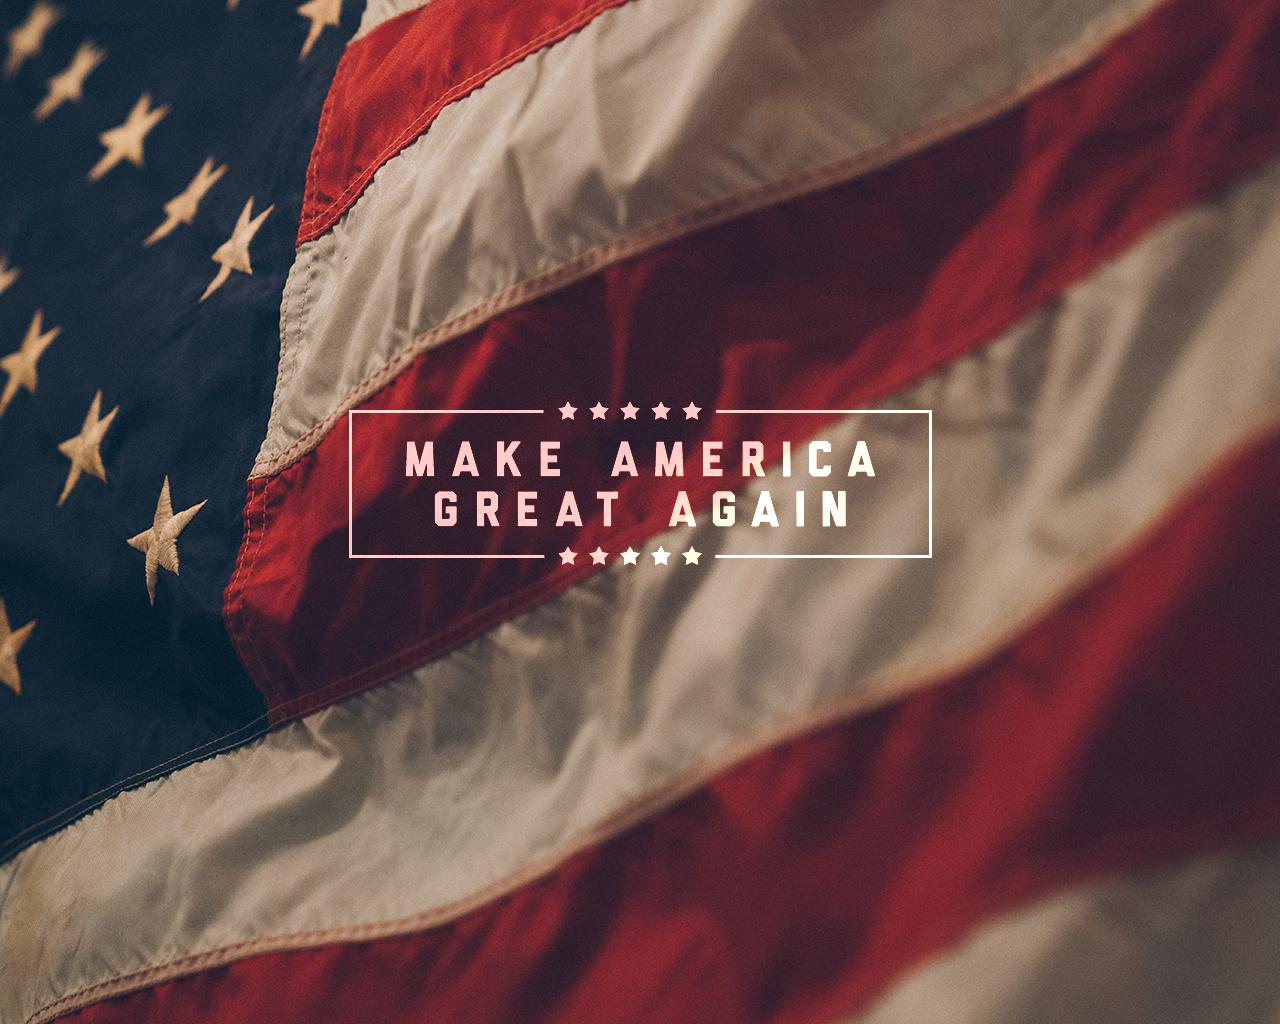 MakeAmericaGreatAgain.jpg